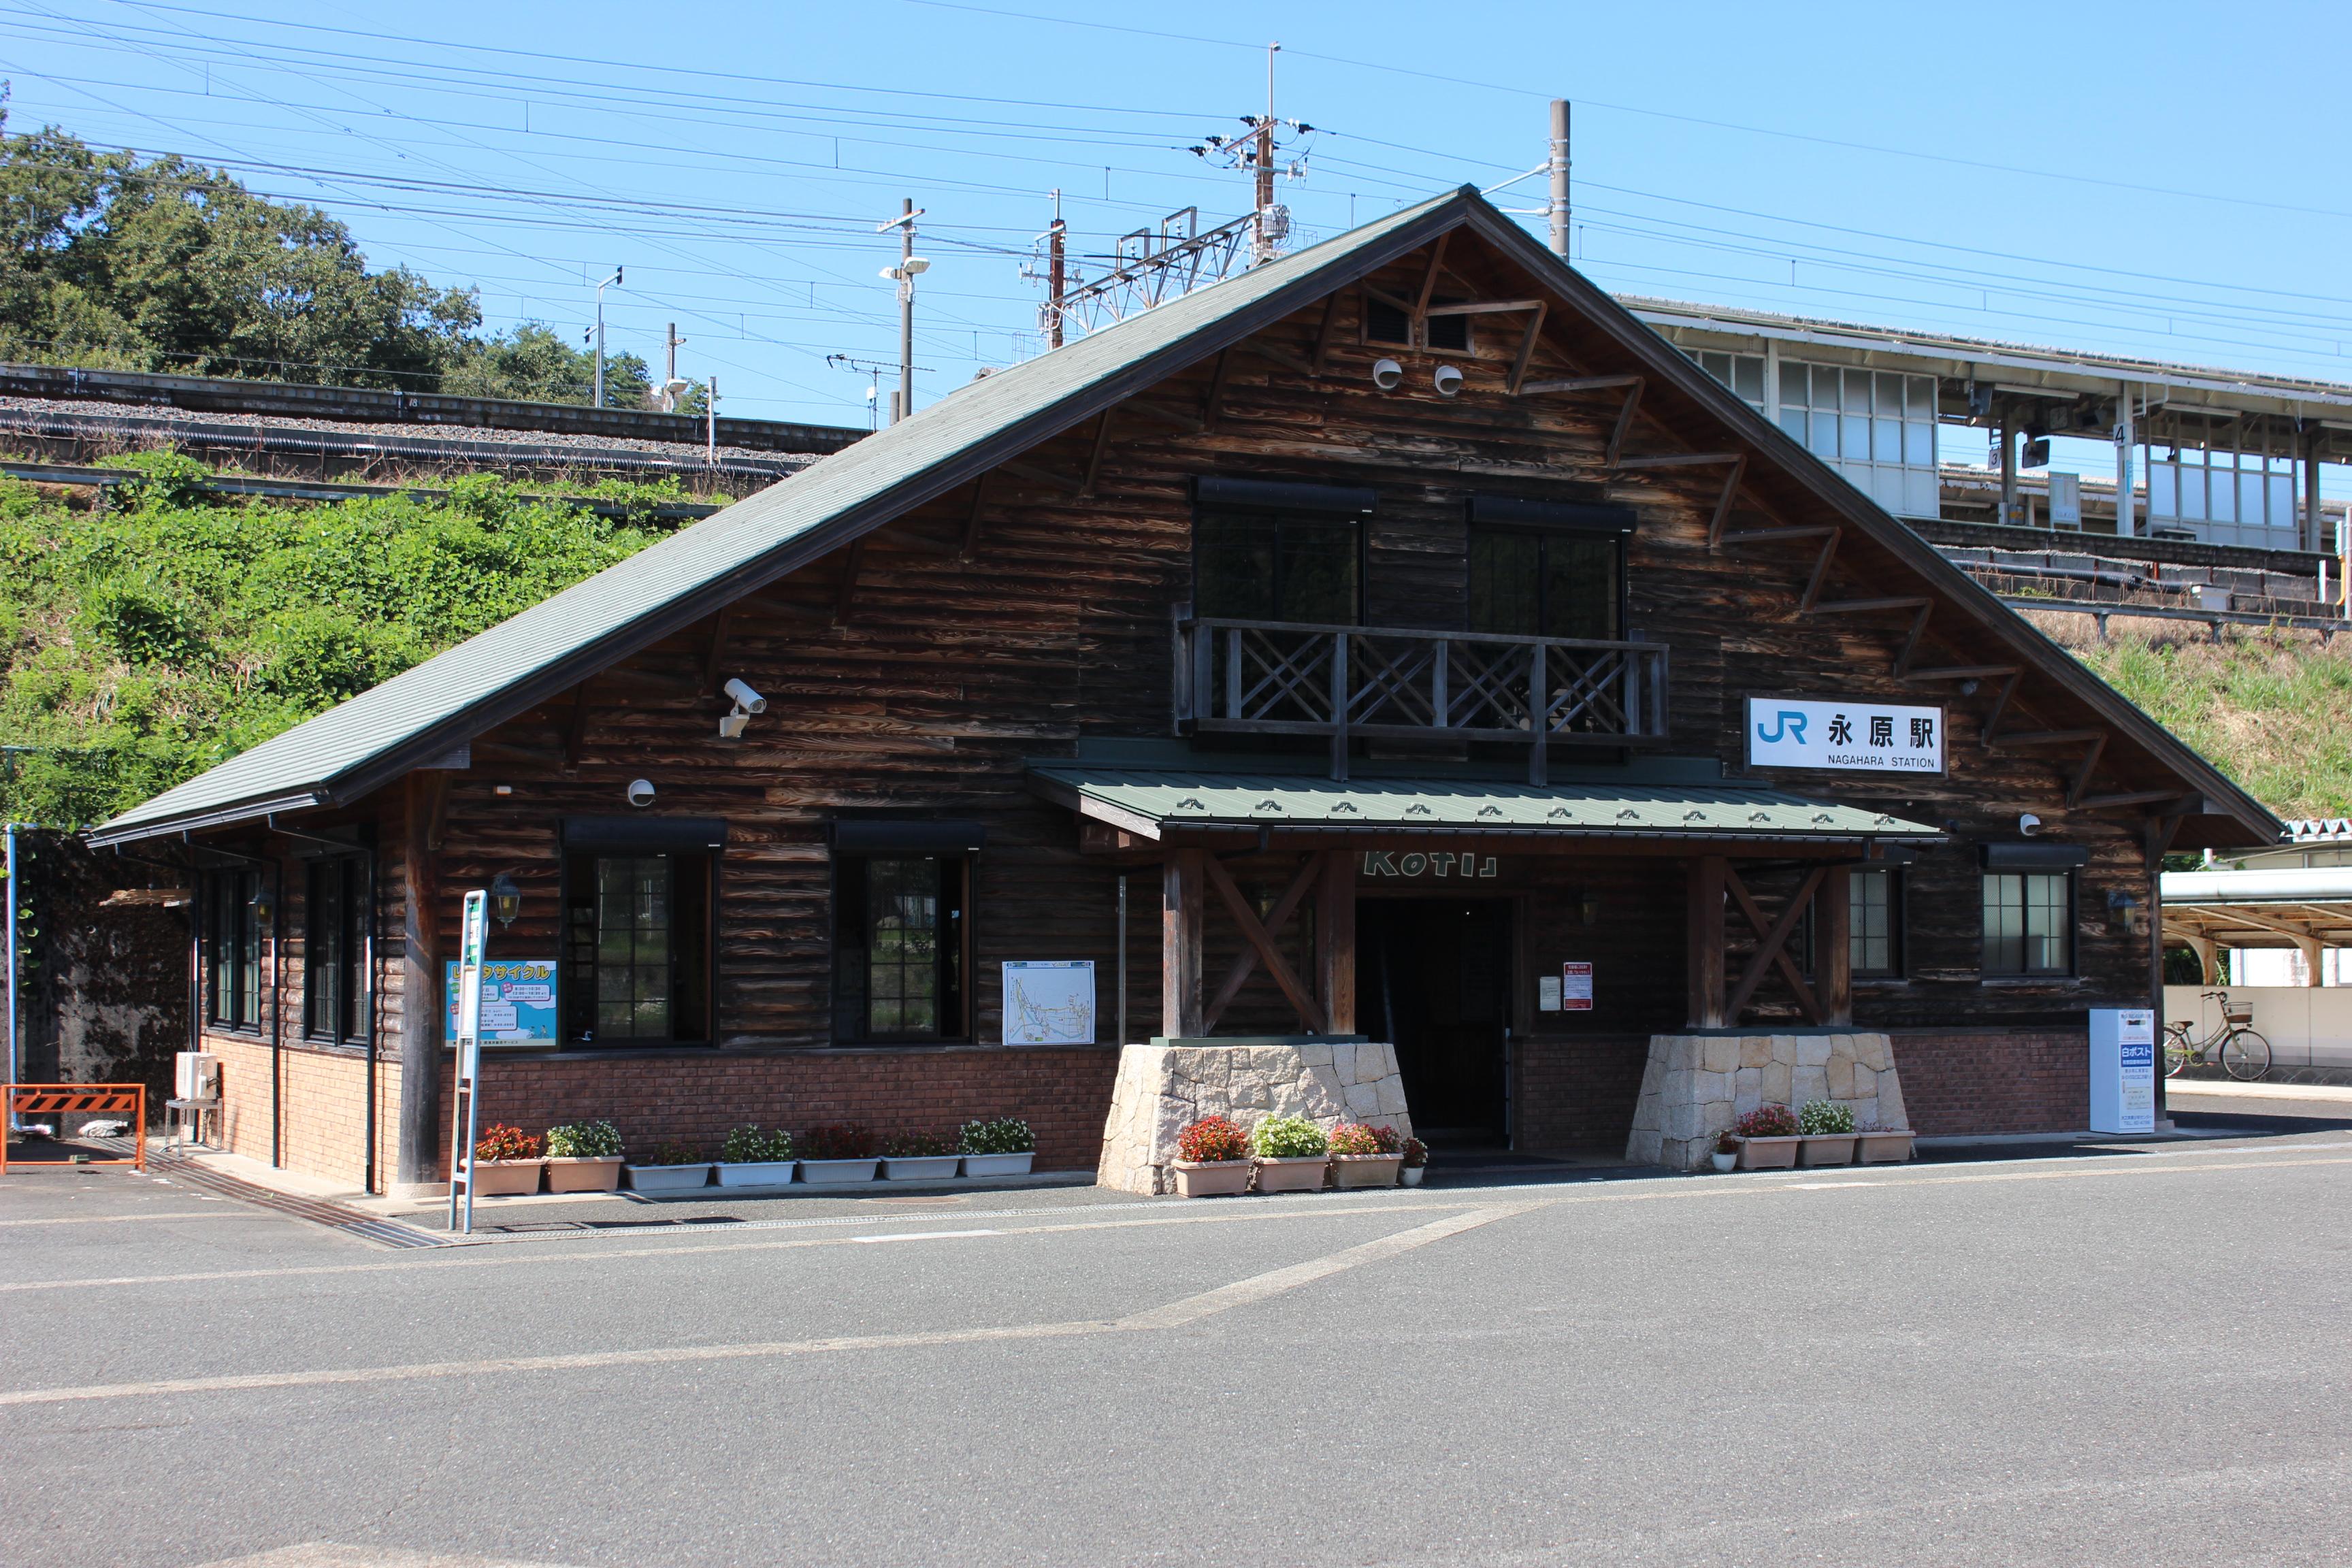 ポスト 京都 駅 ホーム